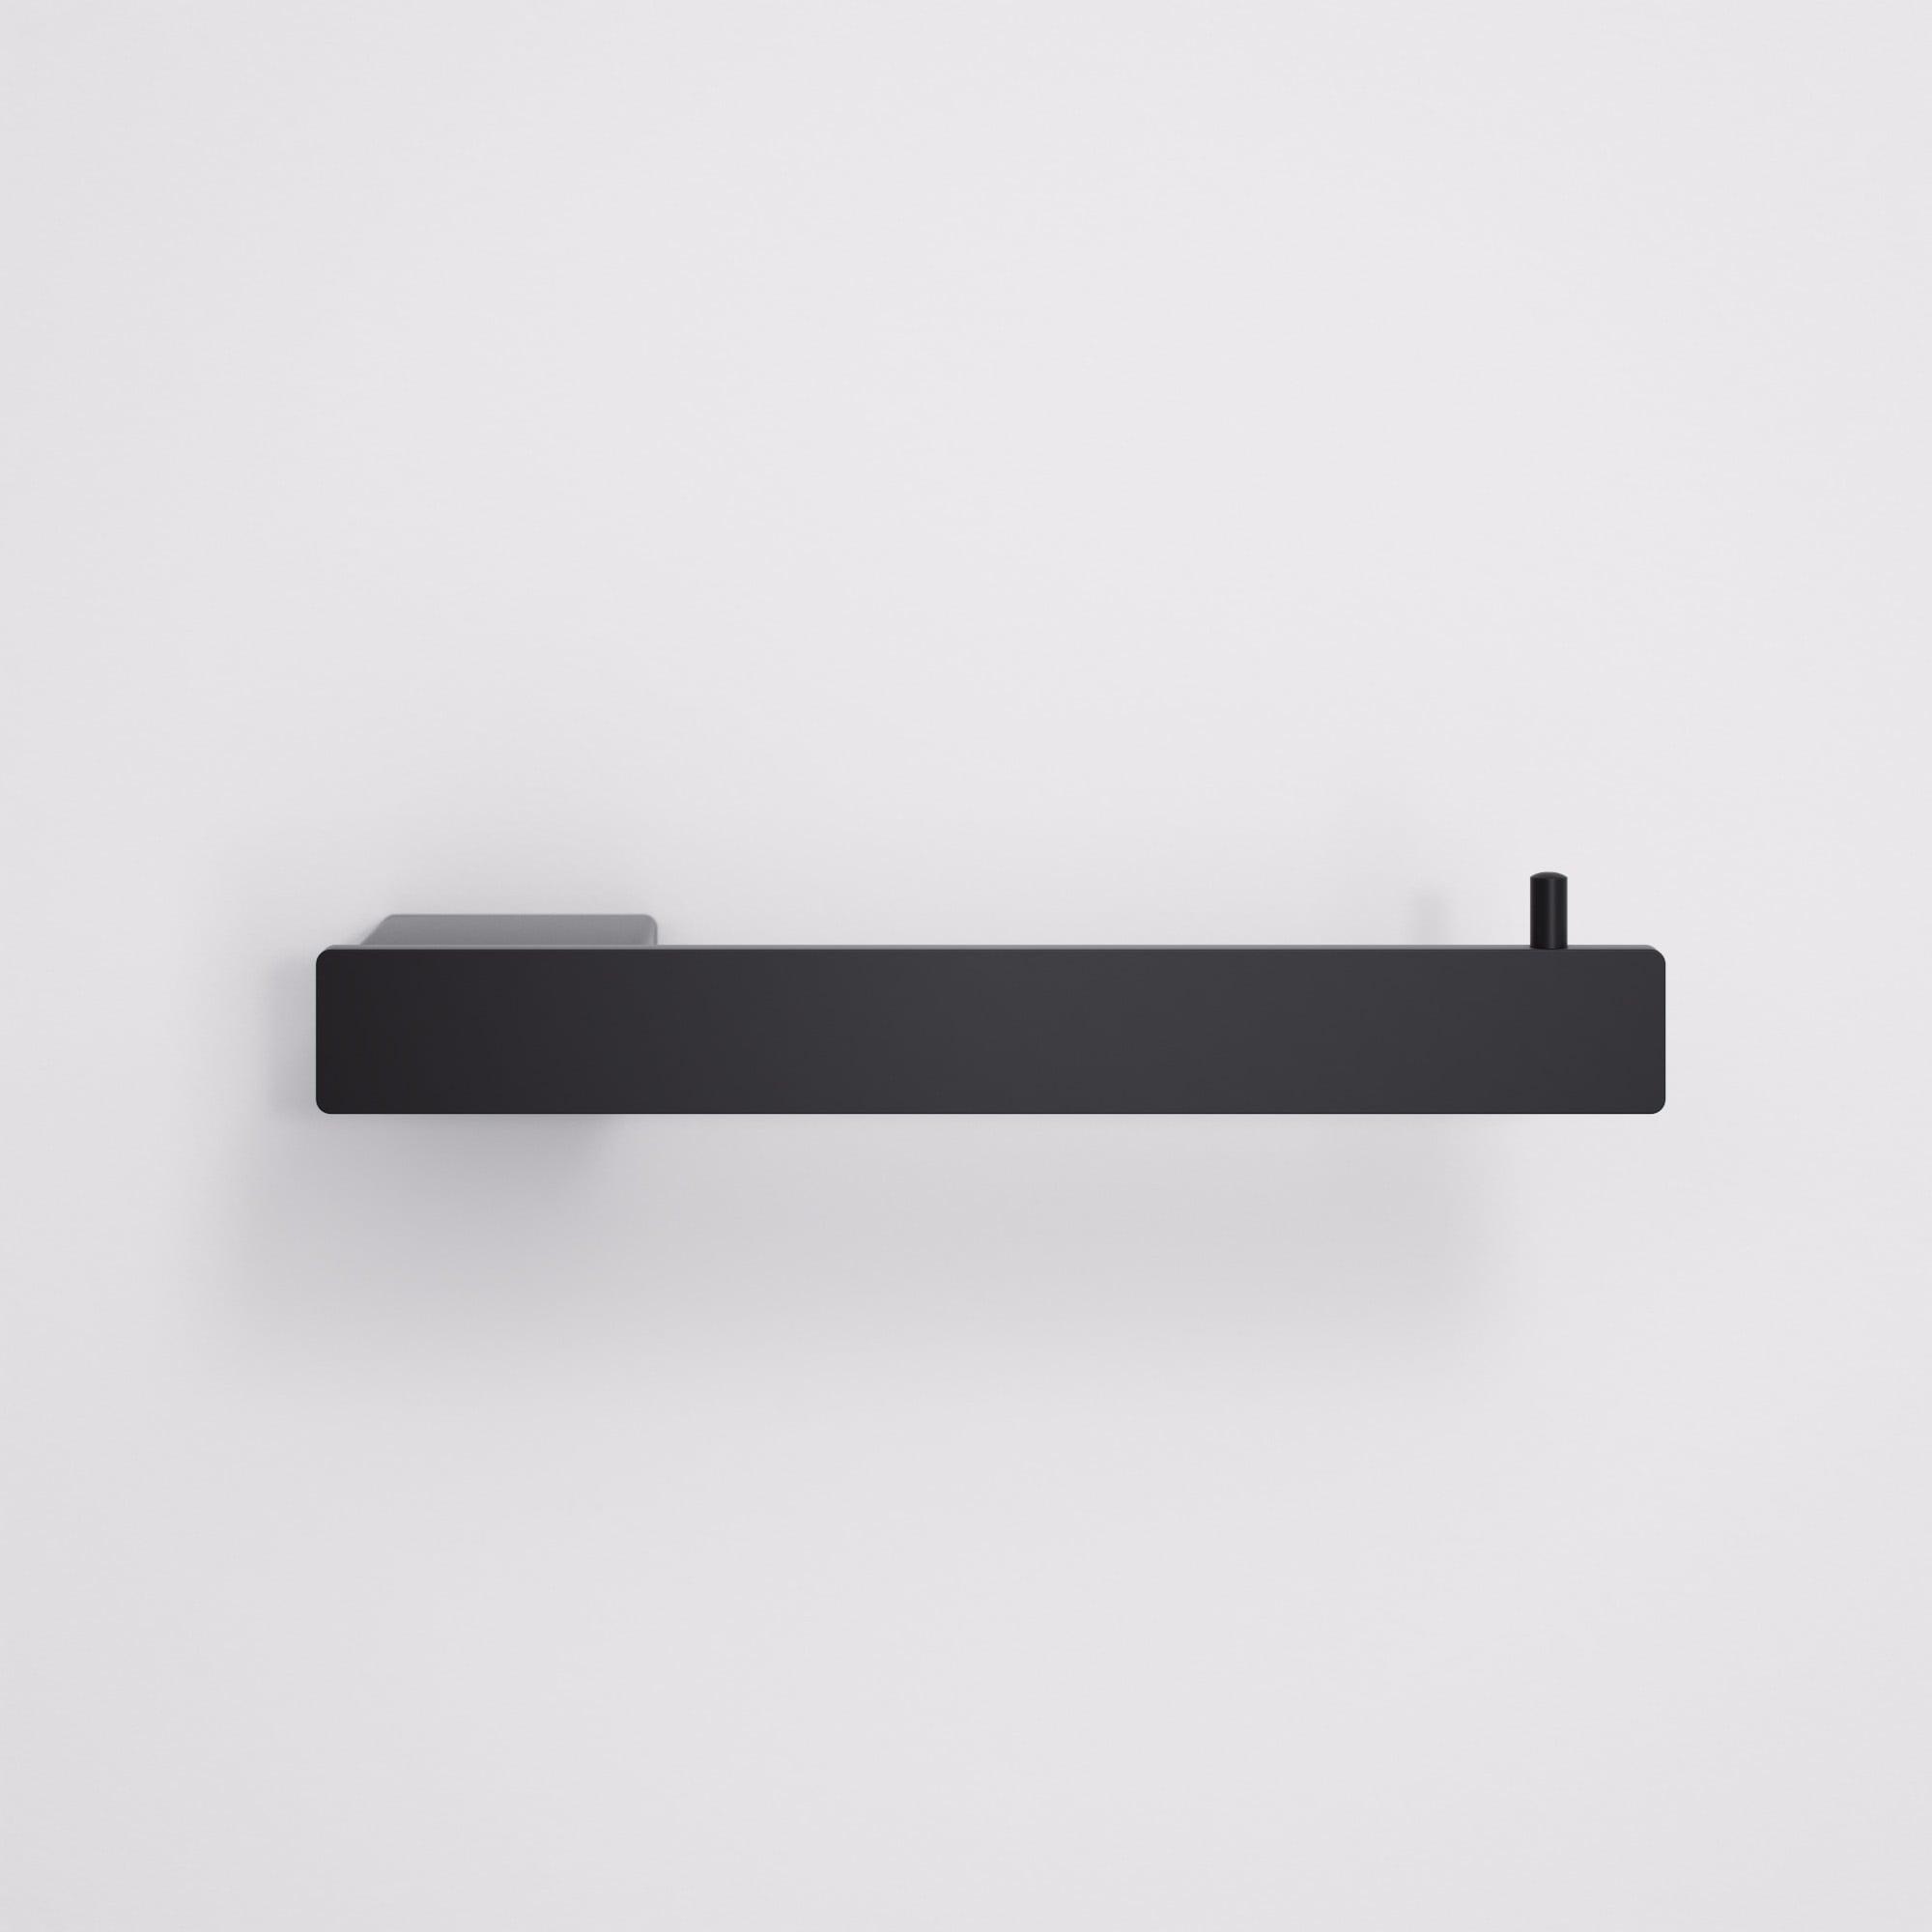 Lusso Mia Toilet Roll Holder Matte Black Accessories